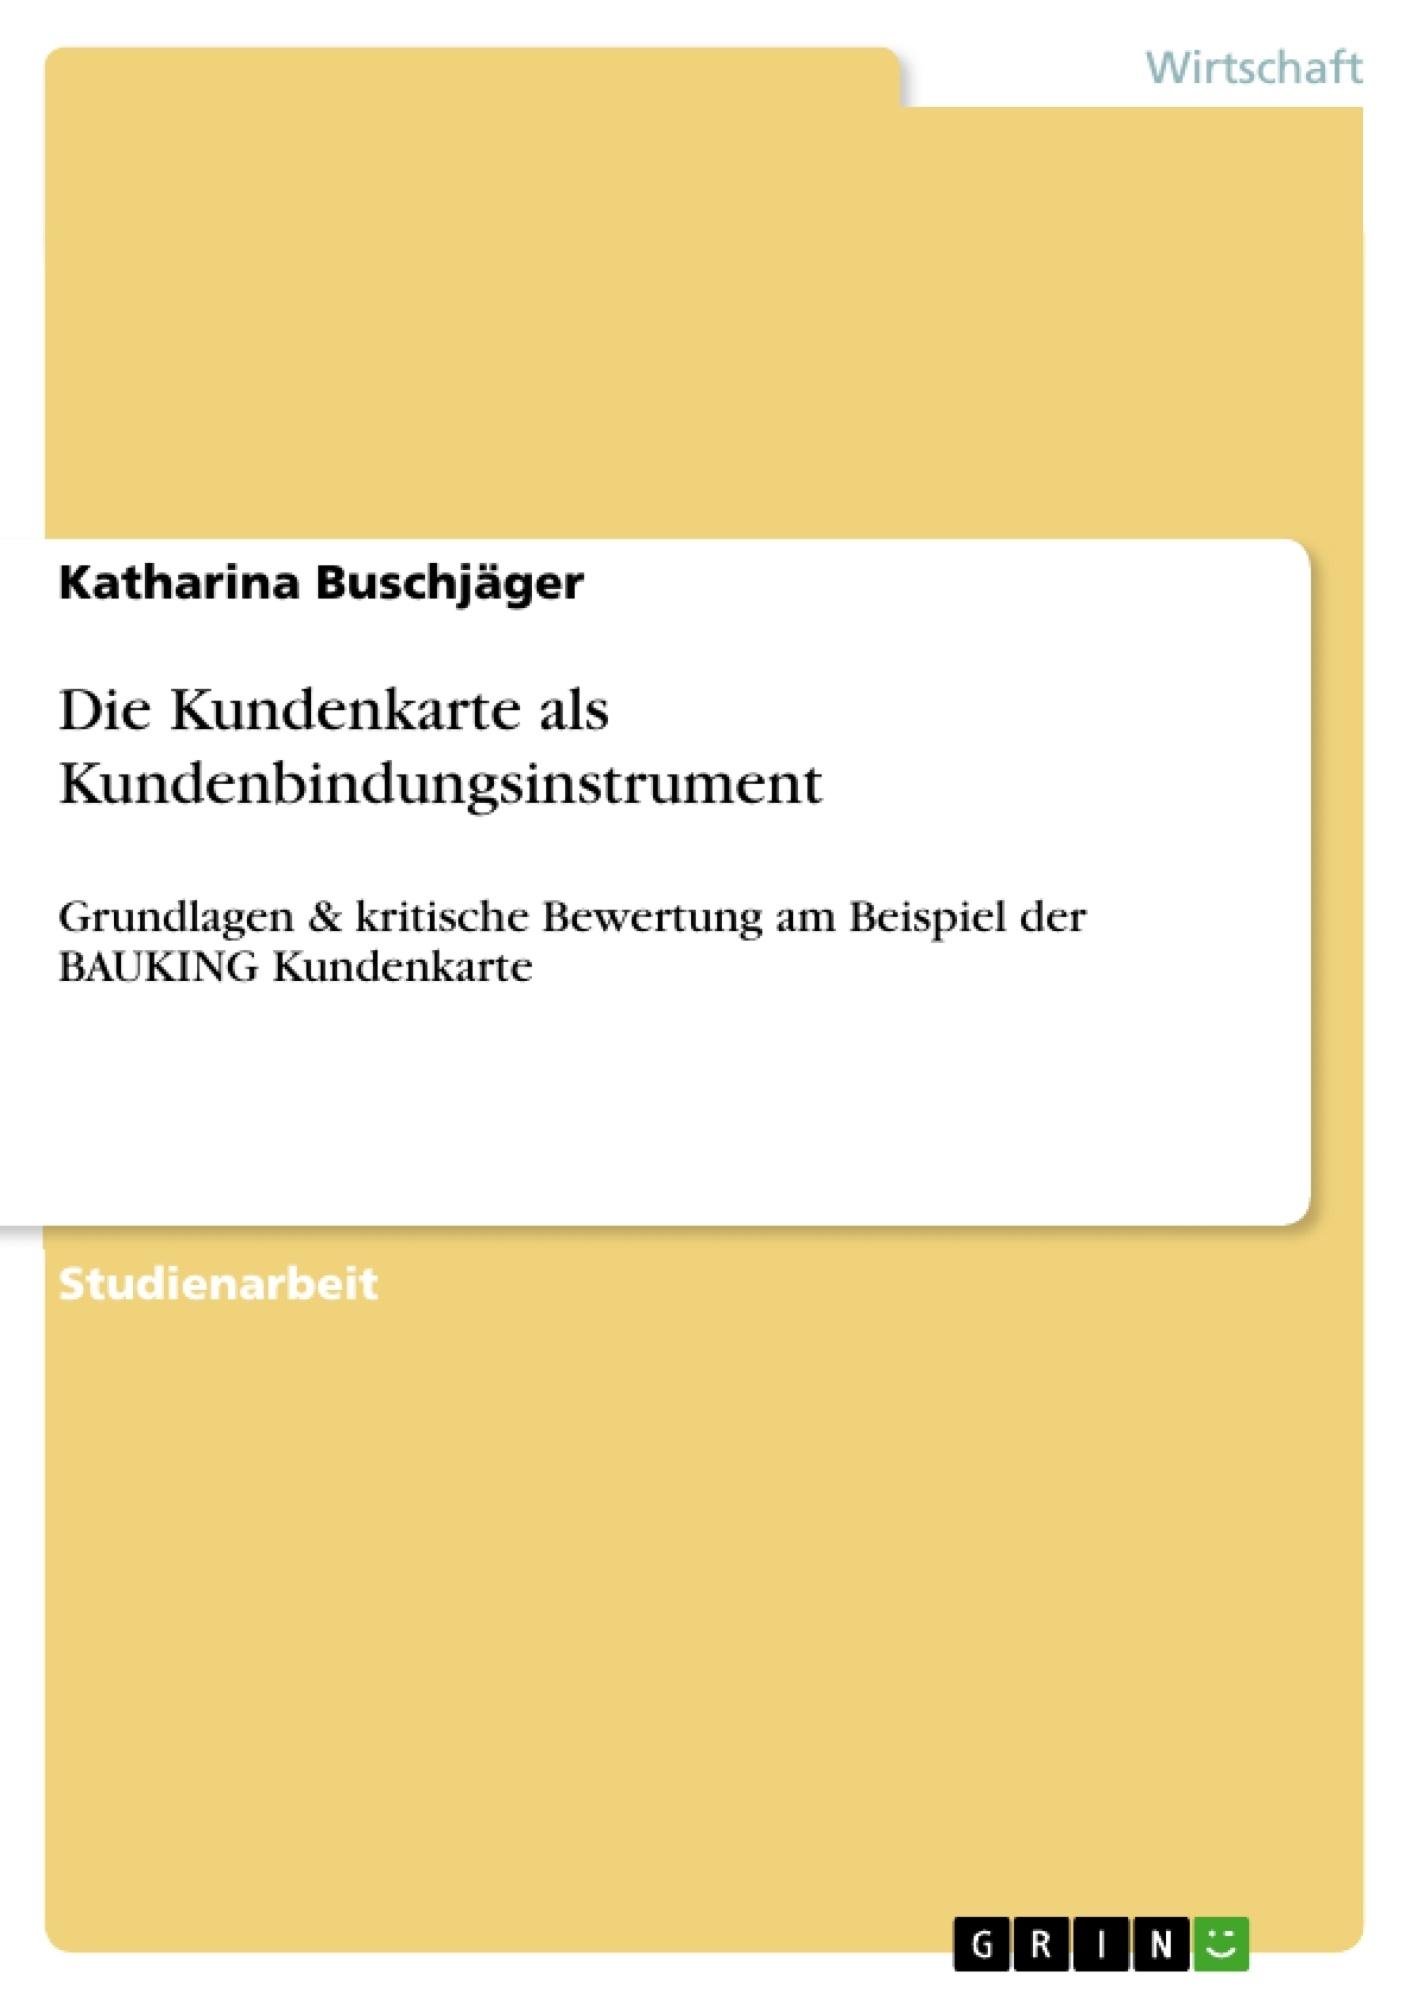 Titel: Die Kundenkarte als Kundenbindungsinstrument